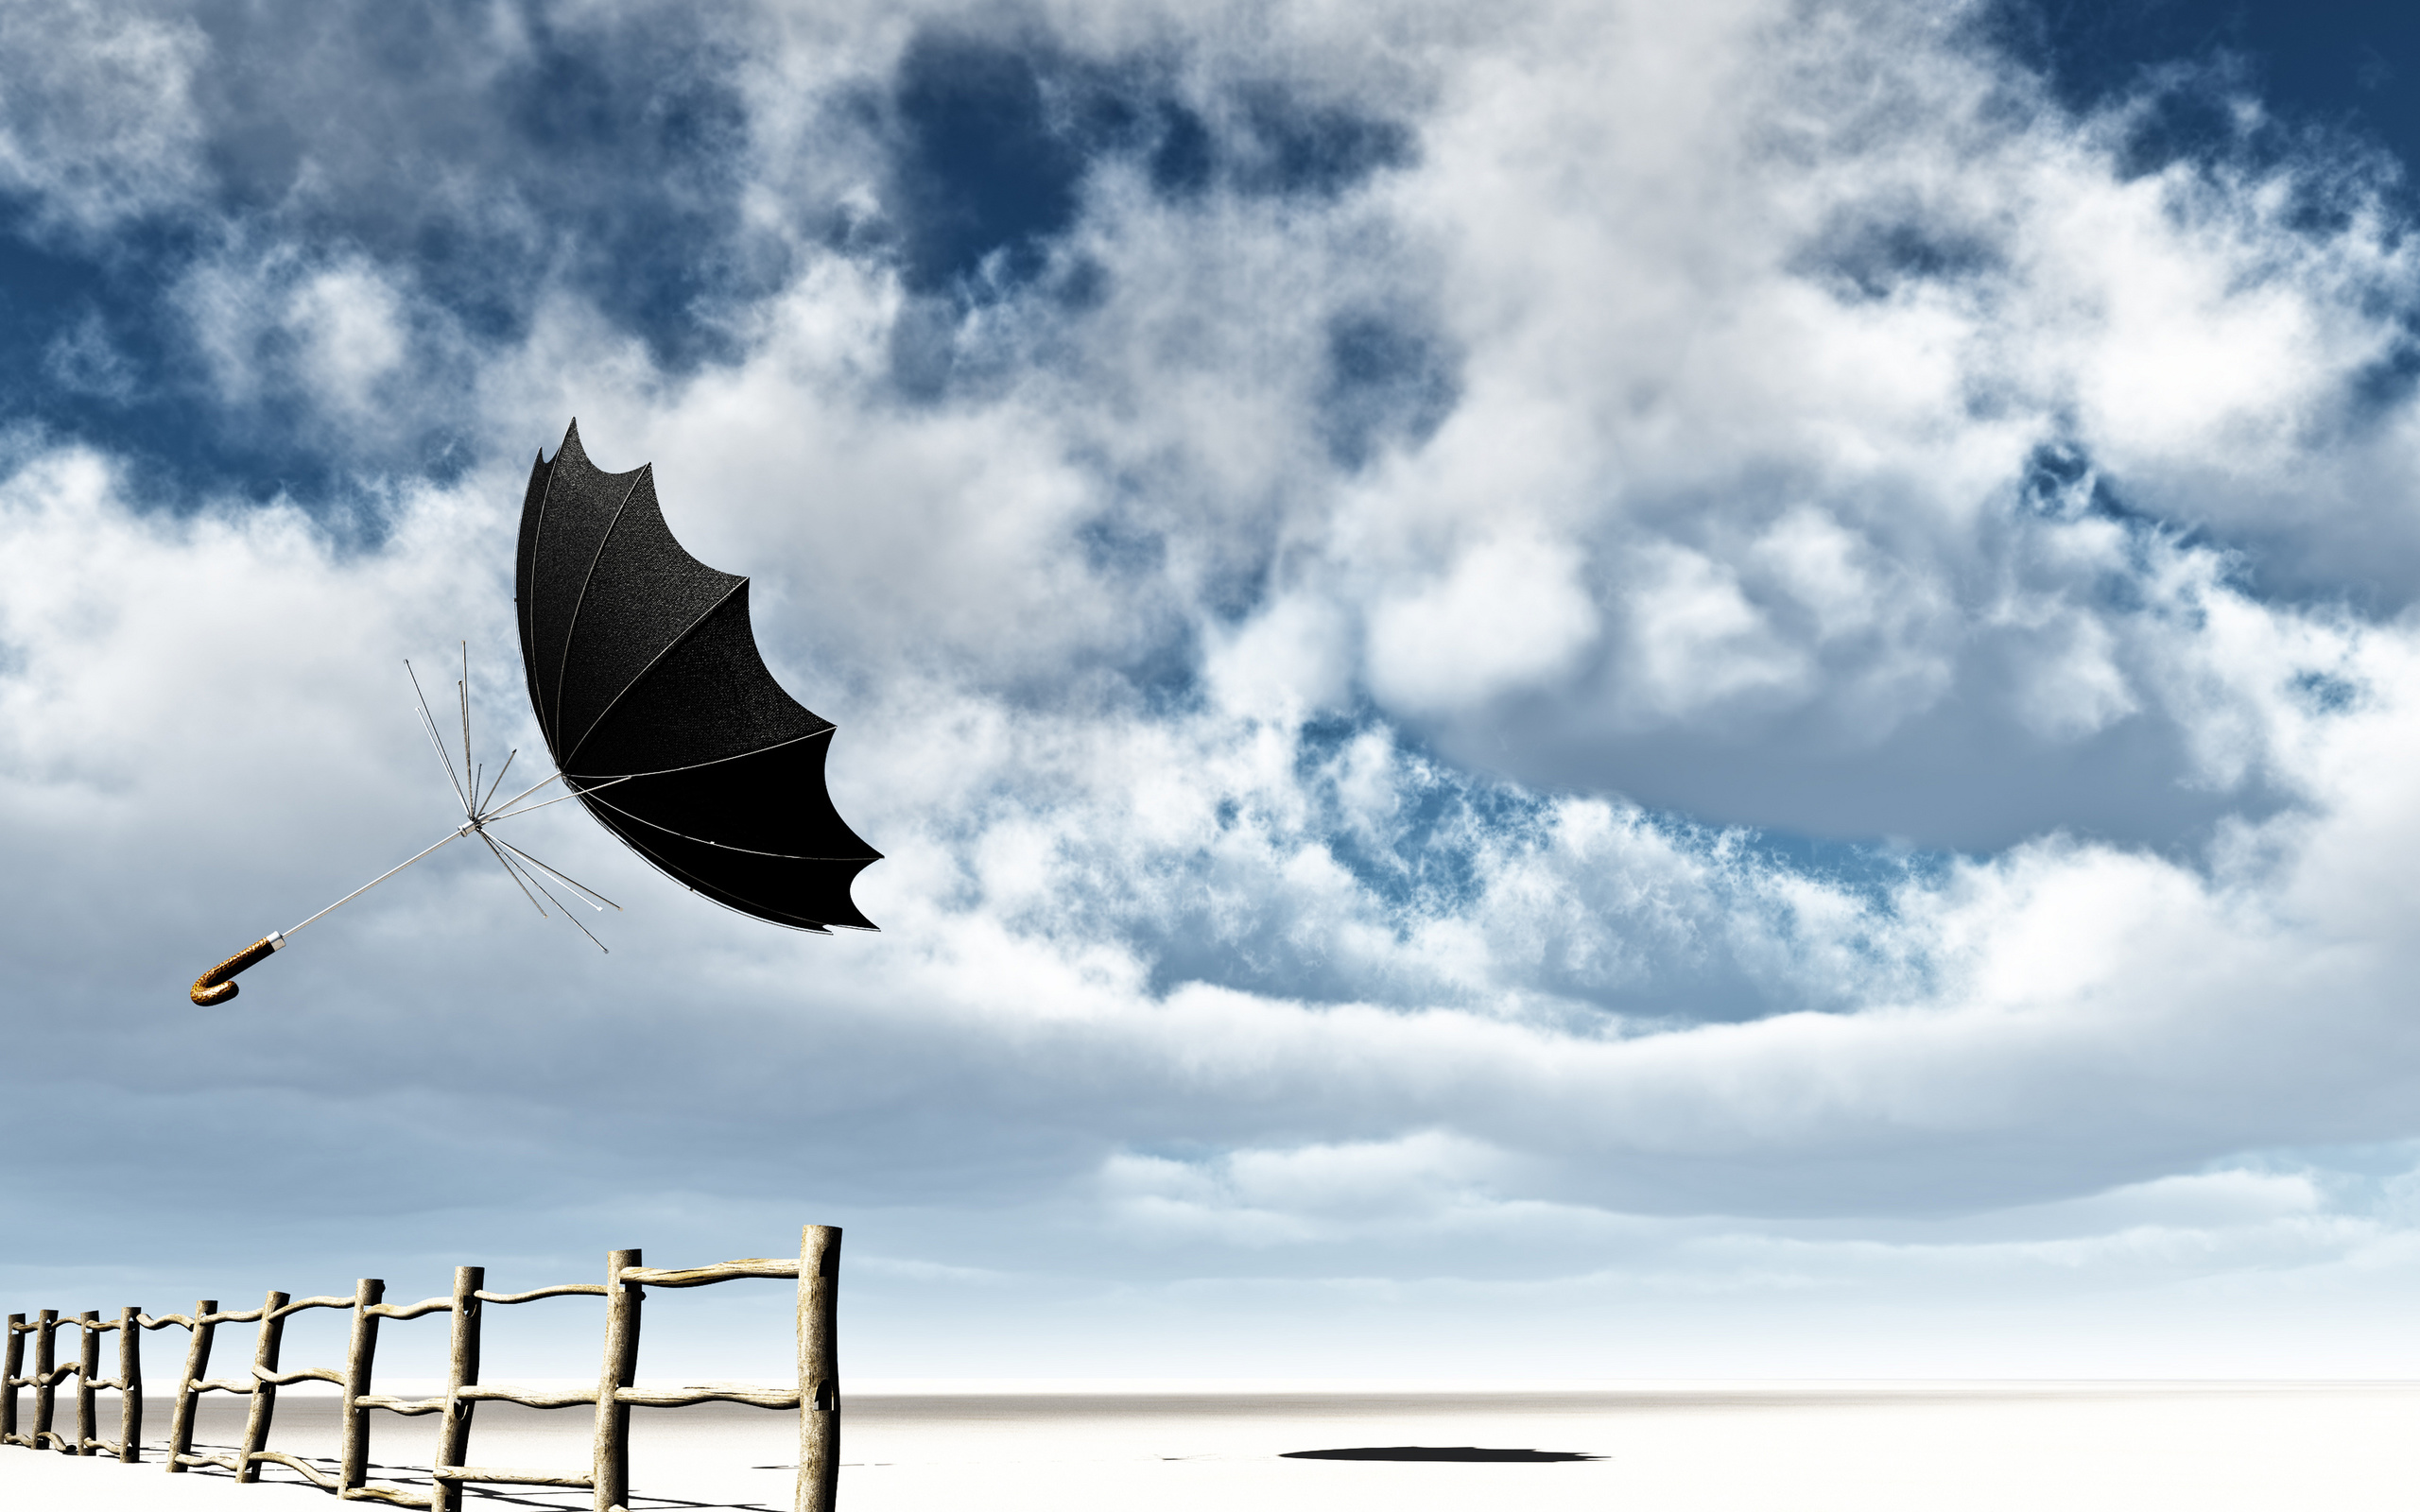 Картинки о ветре смотреть онлайн